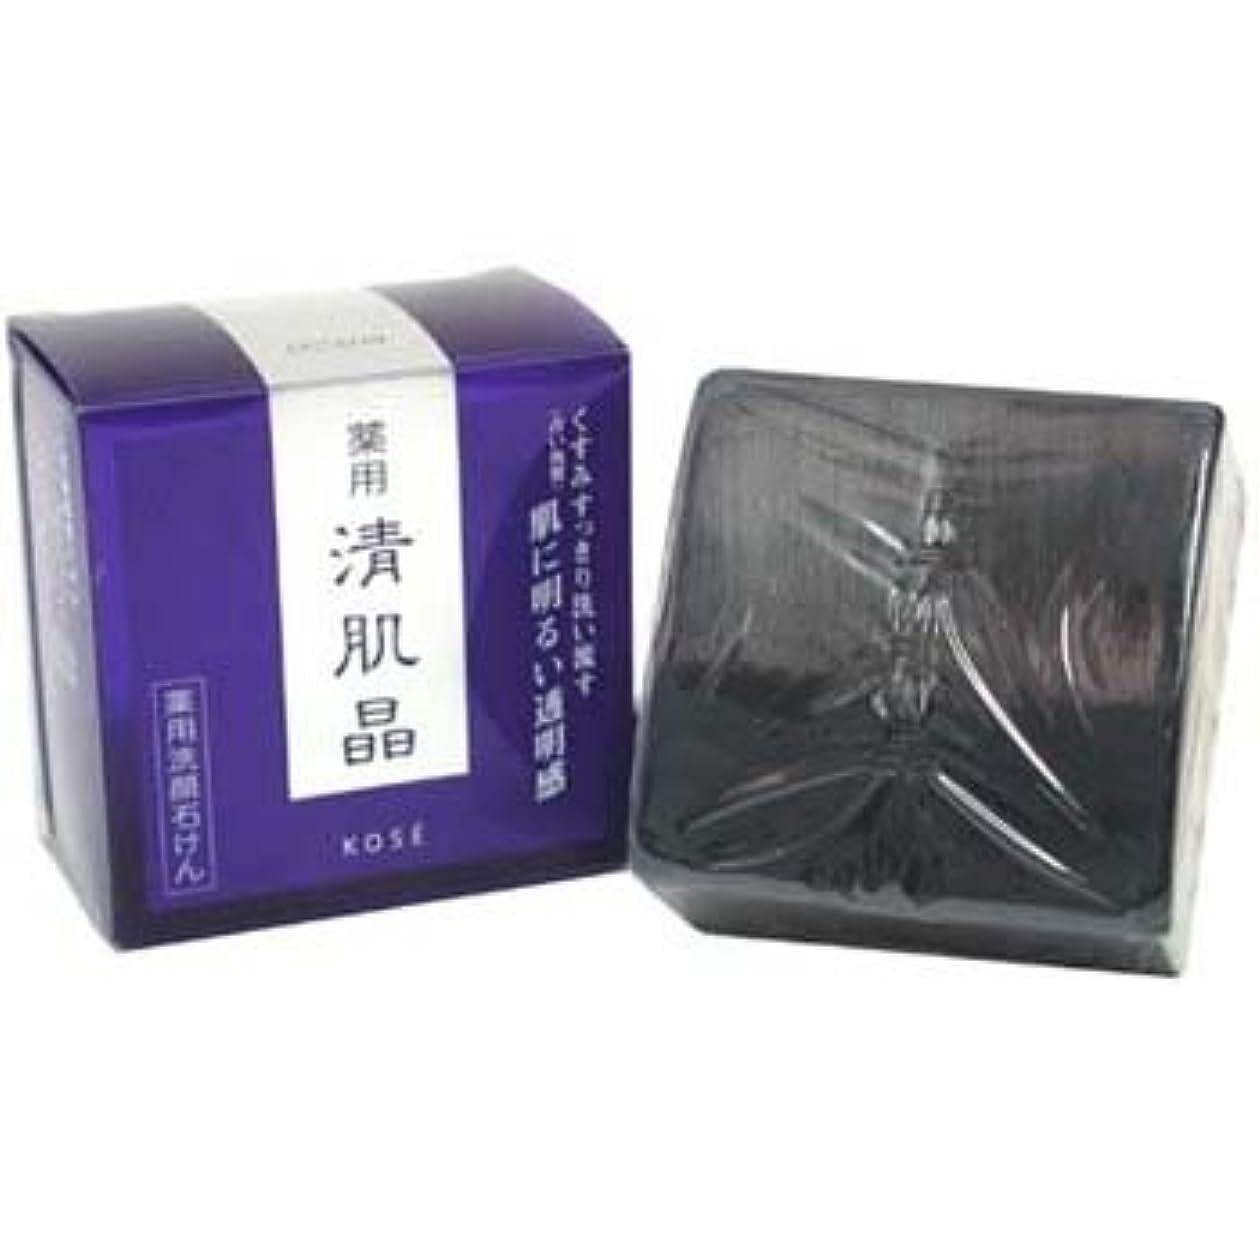 エネルギー忌避剤横コーセー 薬用清肌晶 ソープ(リフィル) 120g [並行輸入品][海外直送品]